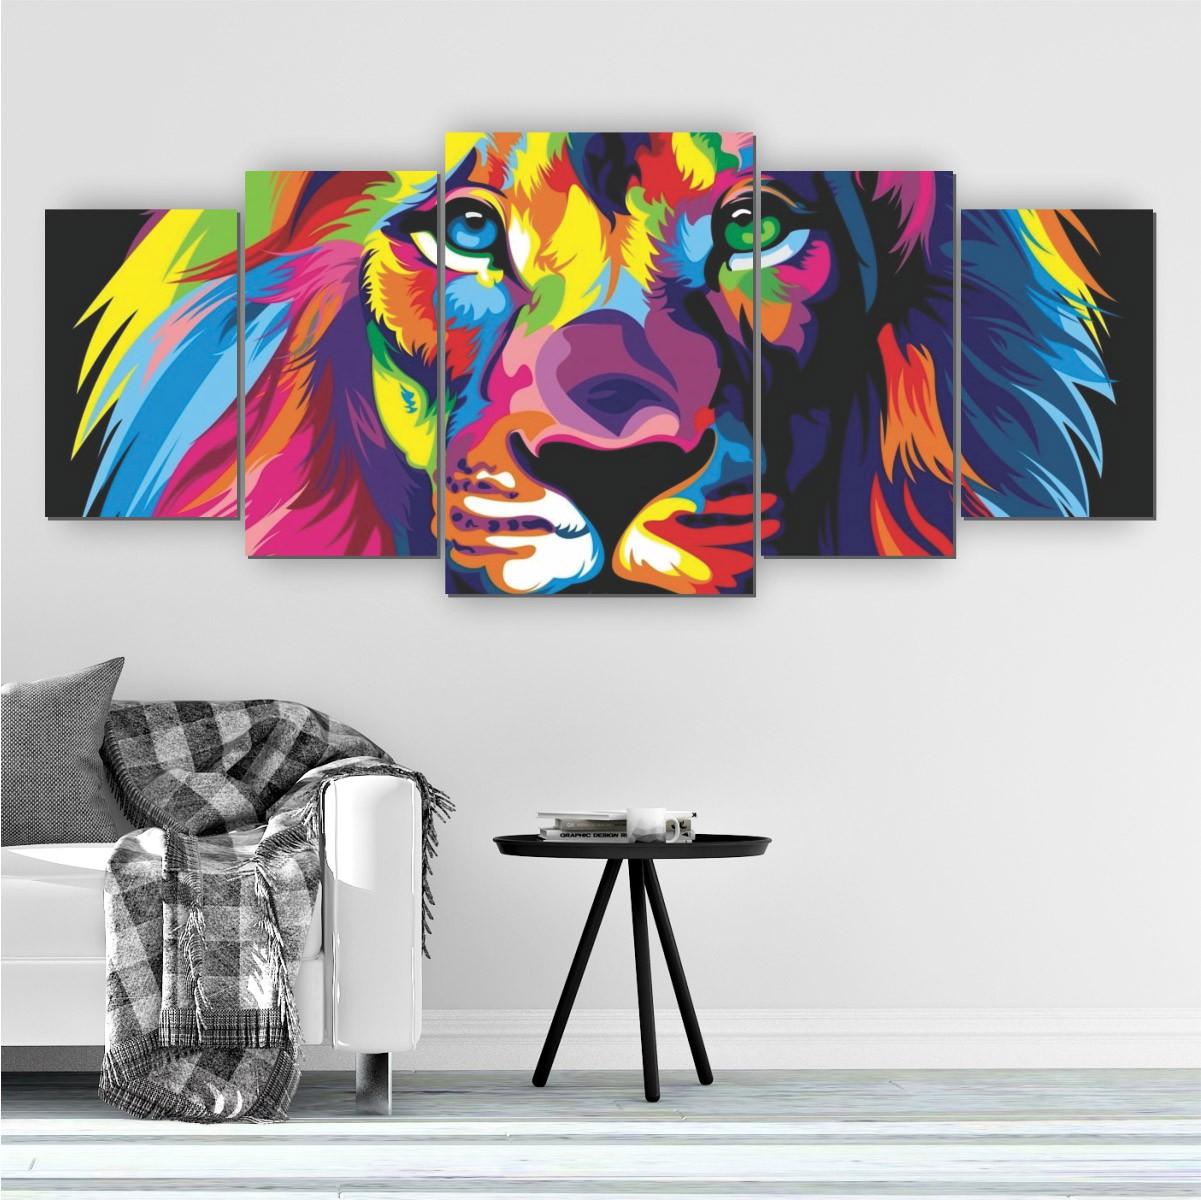 Quadro Decorativo Mosaico Sala Leão Colorido 5 peças 144x60cm